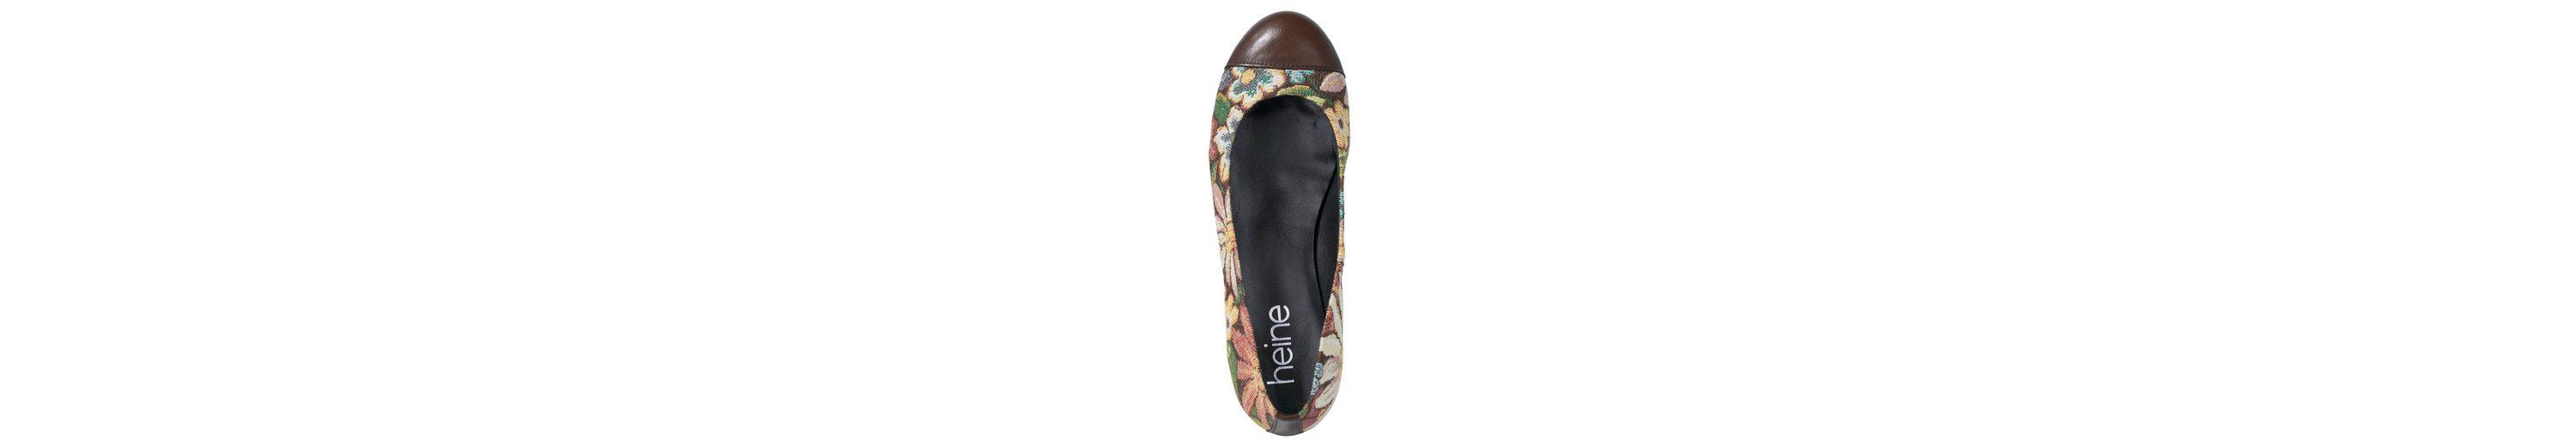 Heine Ballerina im Floral-Dessin Modisch Günstiger Preis Brandneue Unisex Günstig Online Verkauf Des Niedrigen Preises Erkunden Auslass Bester Verkauf l6QGvm7Ao